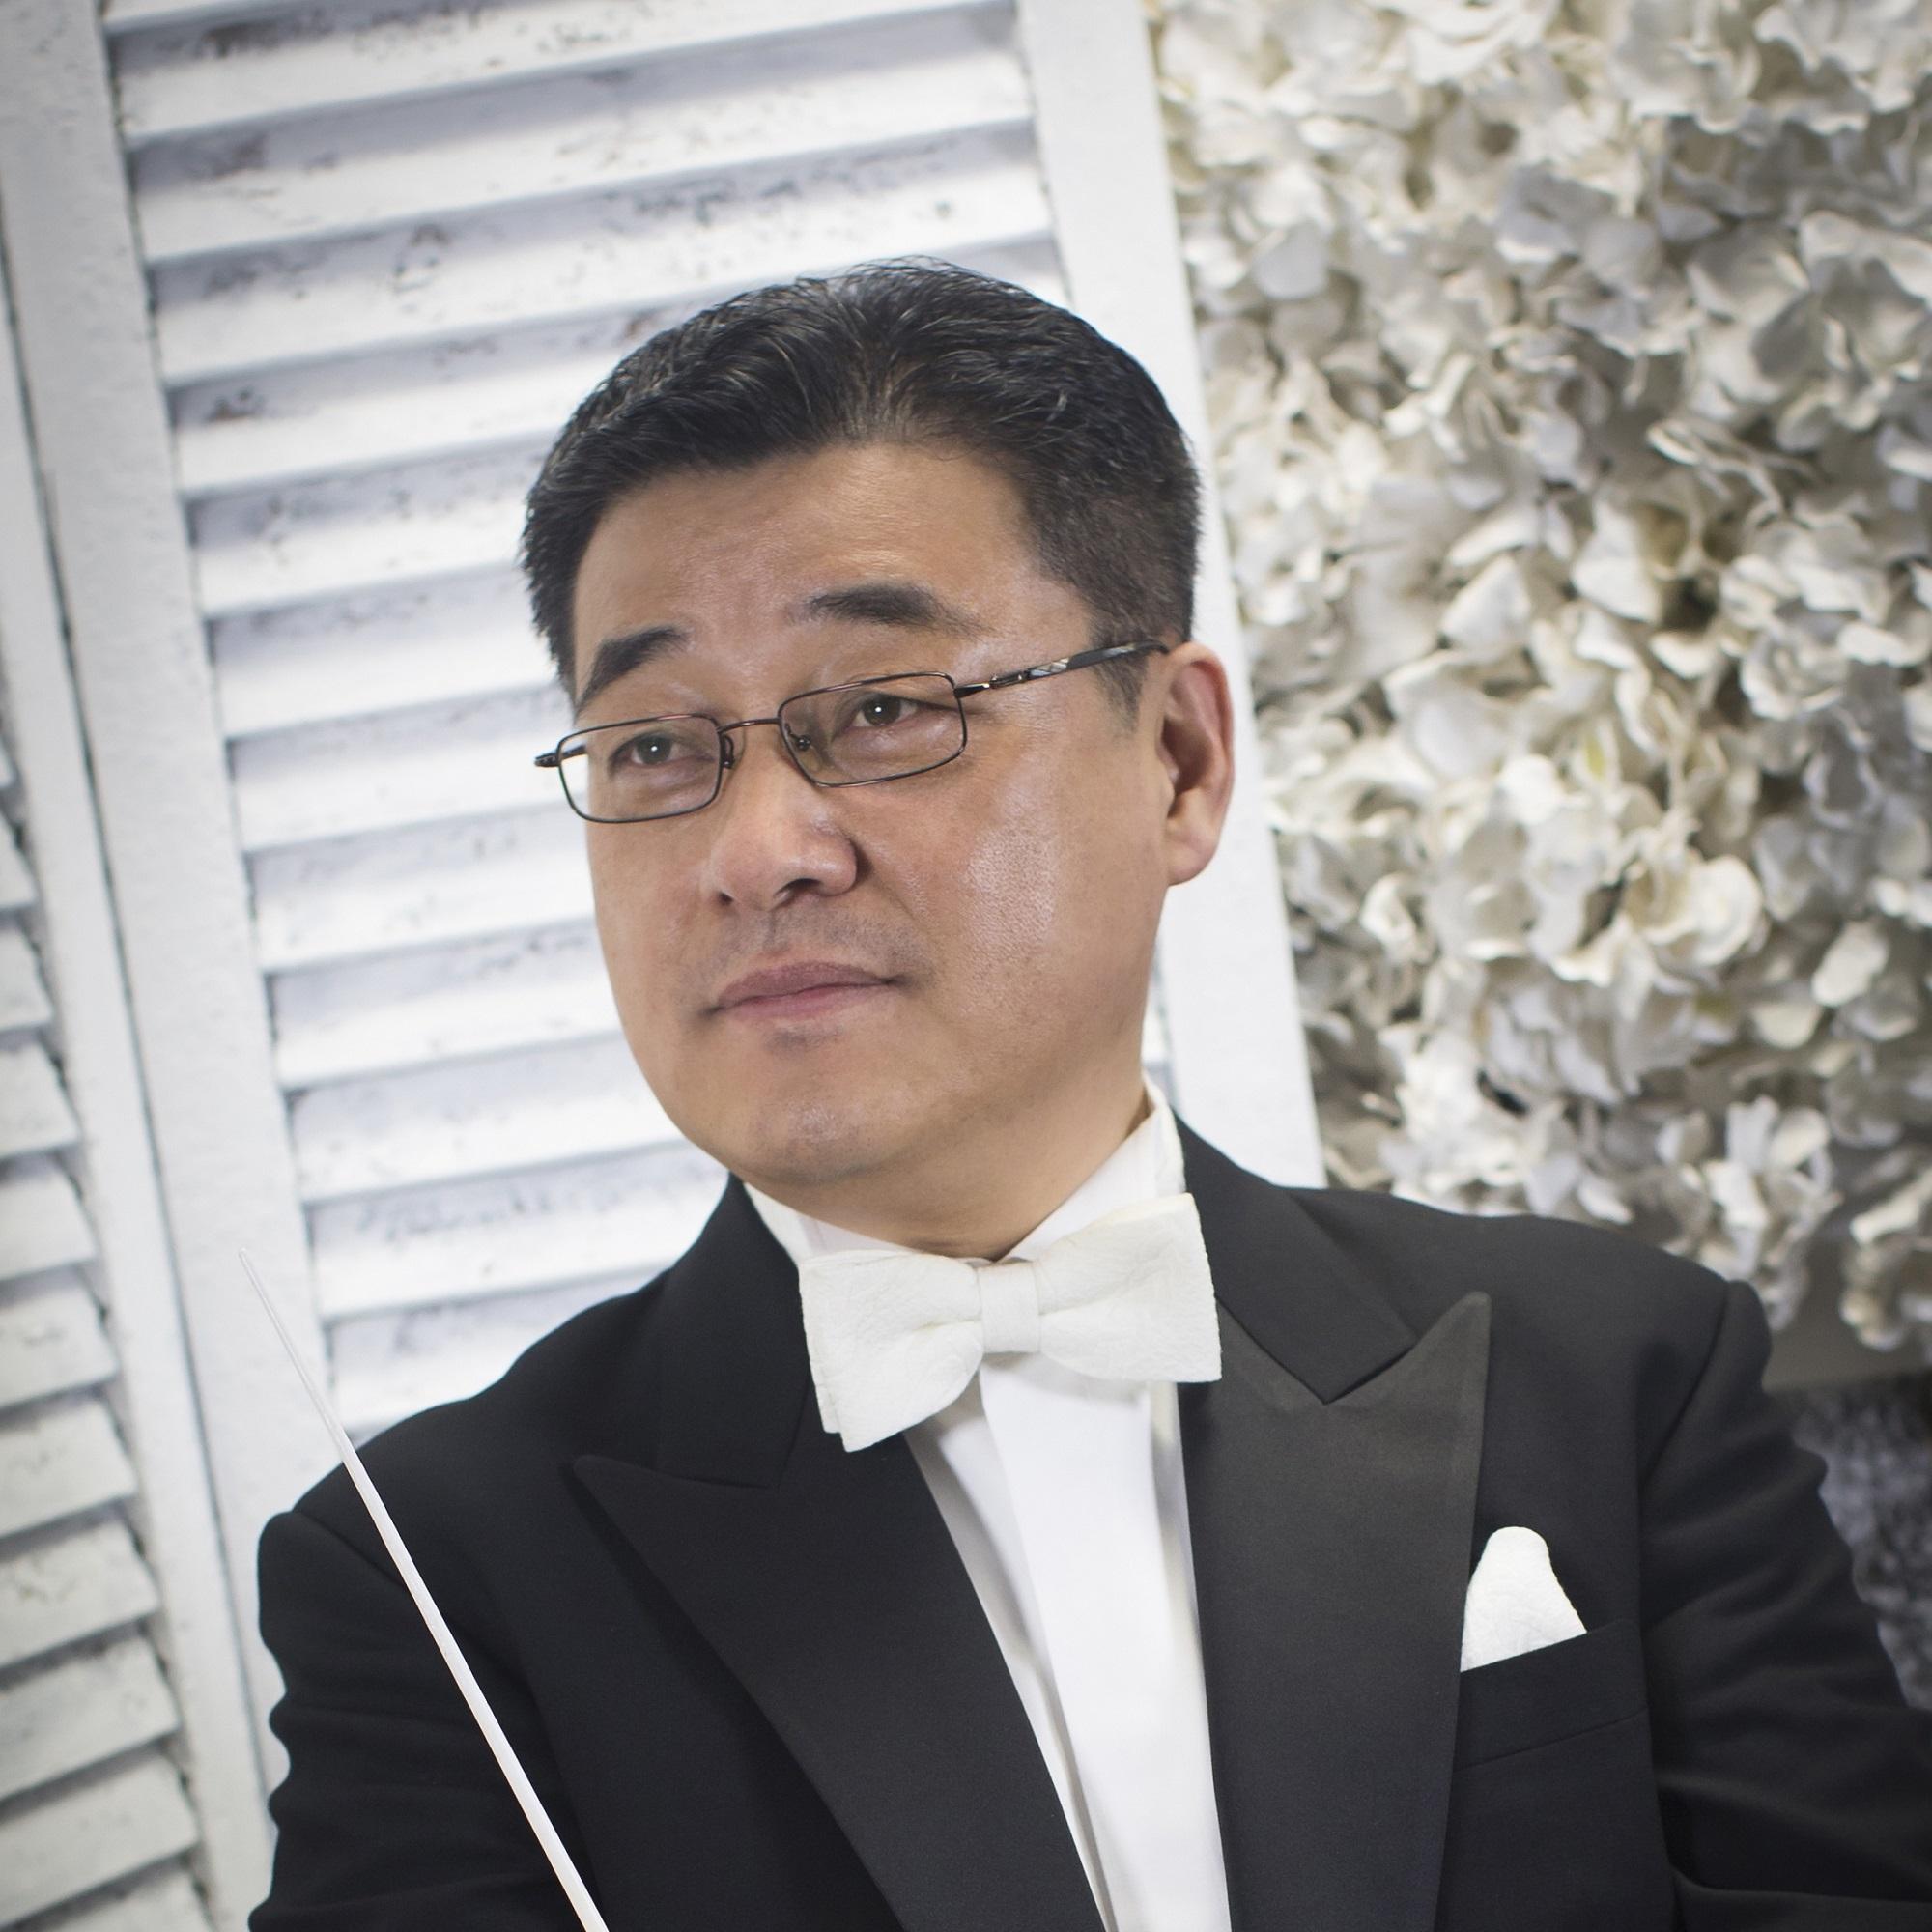 조현 목사